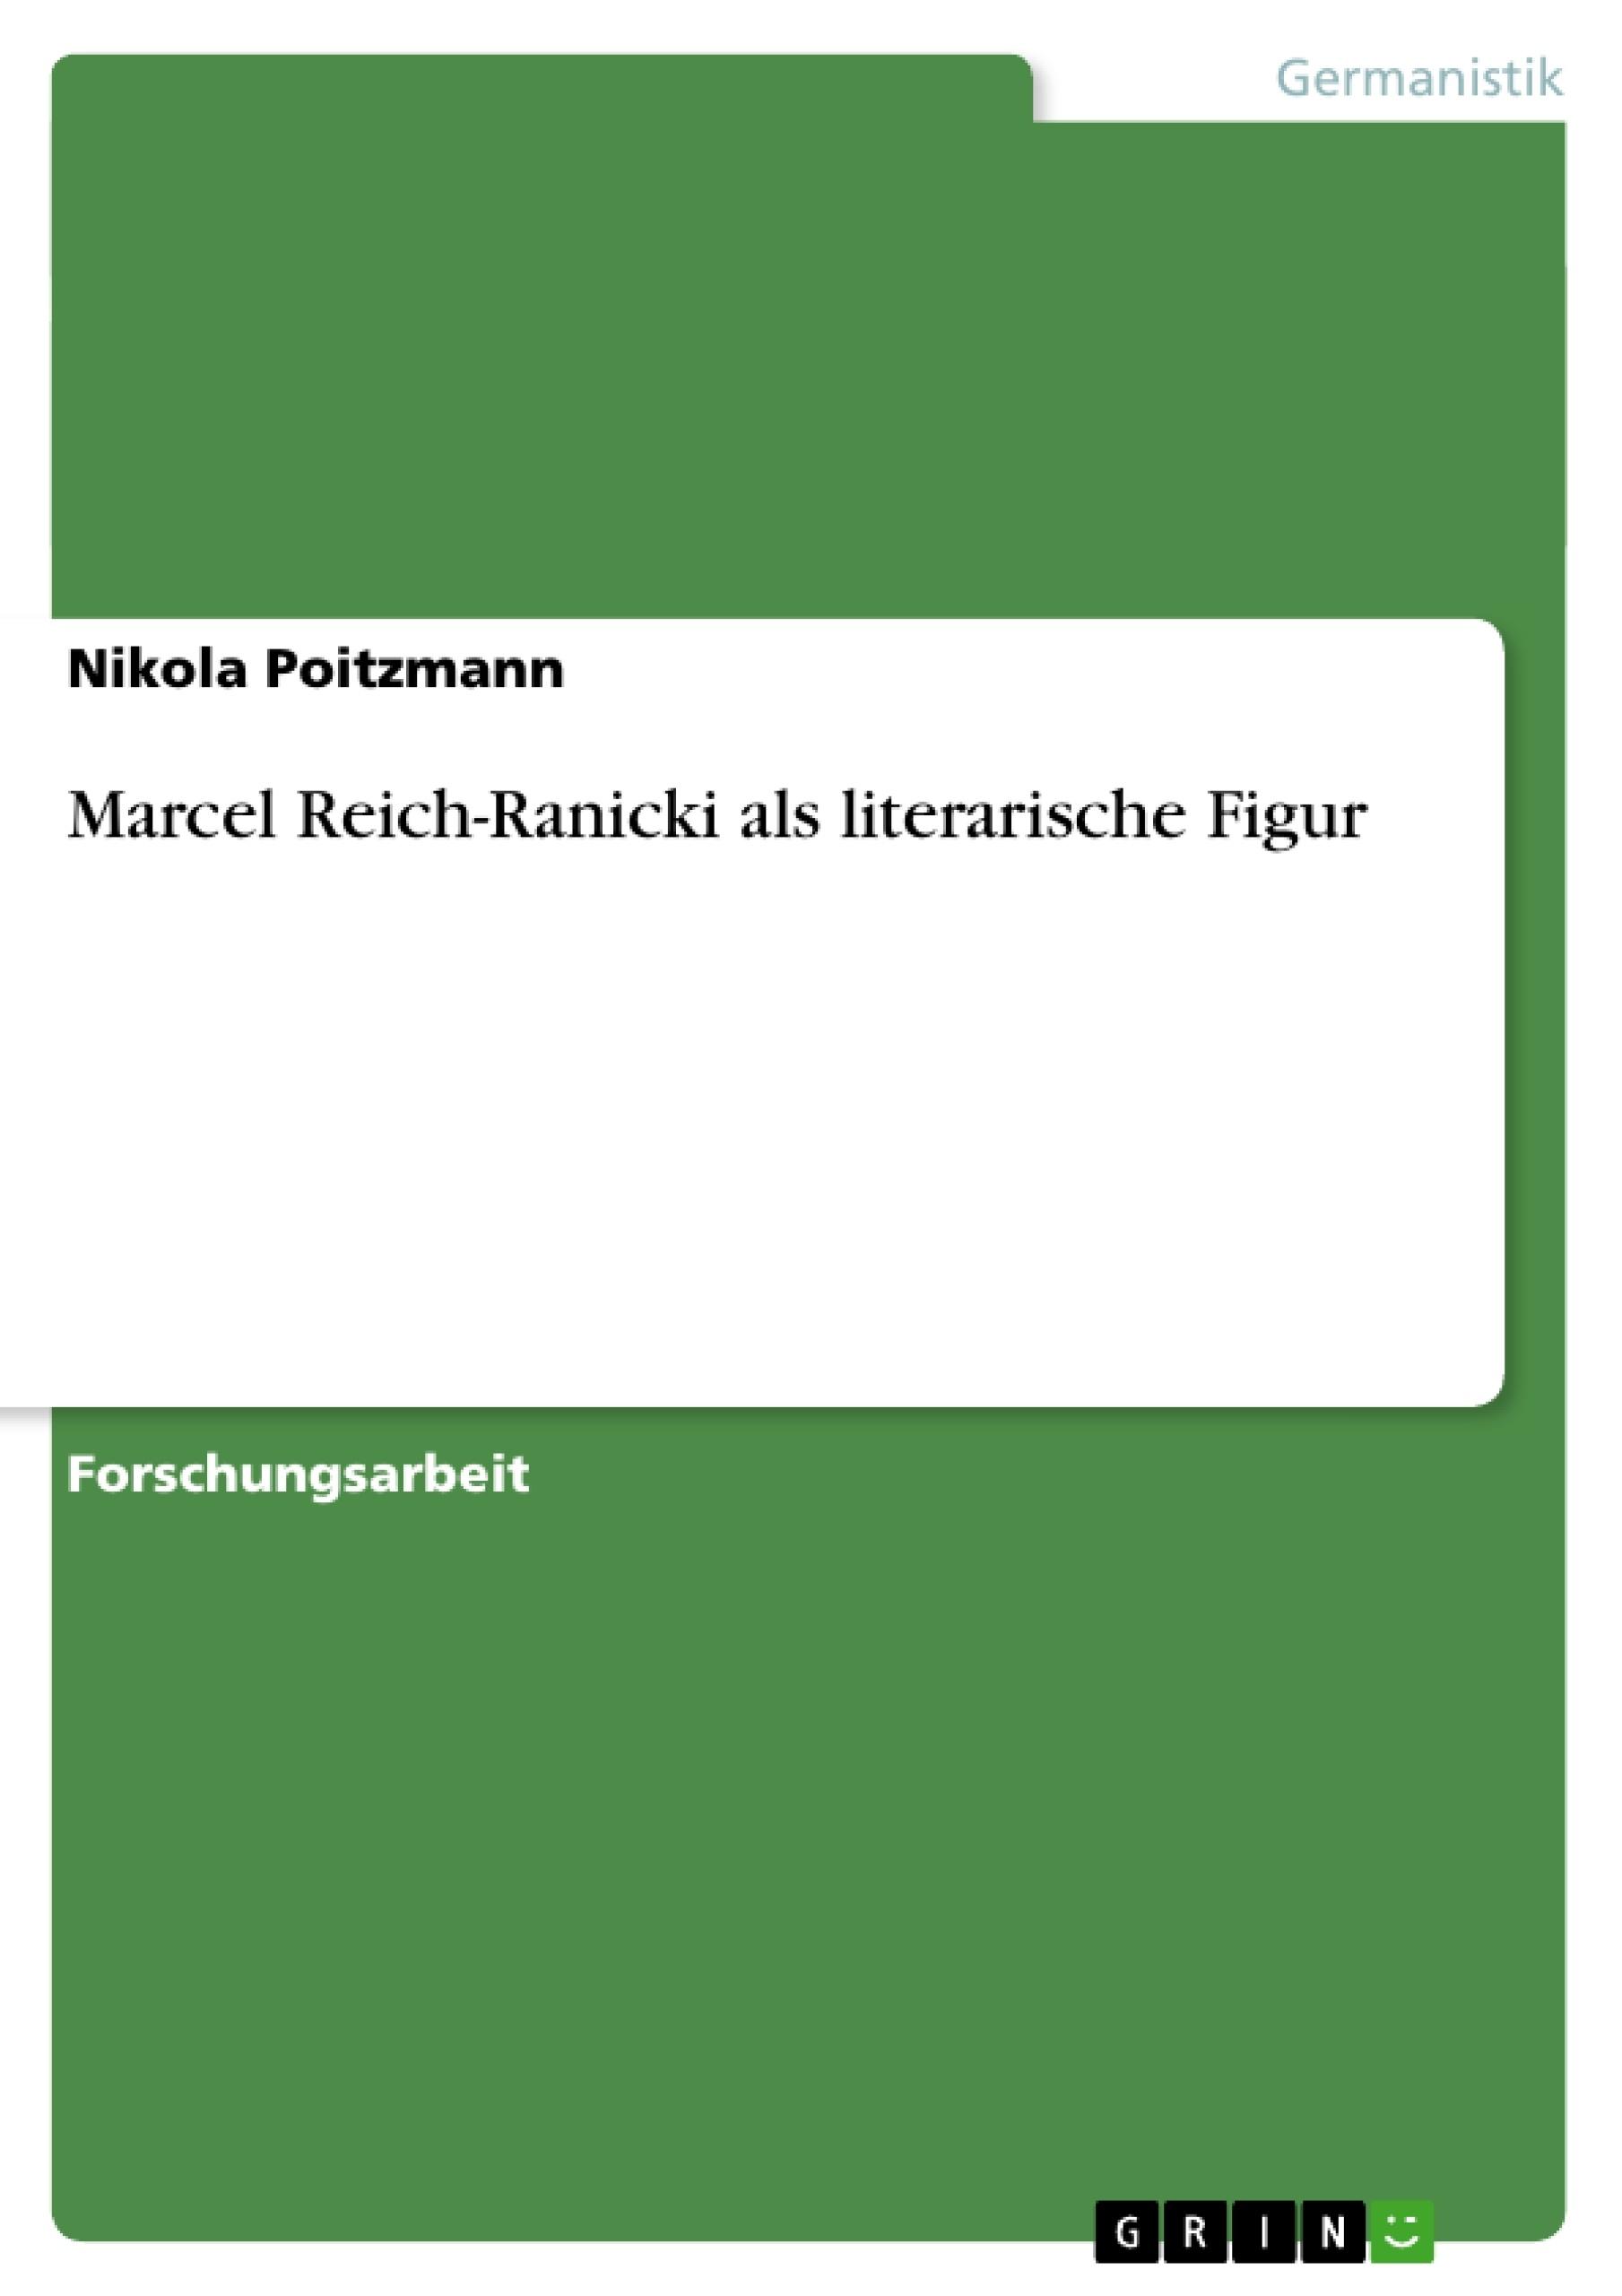 Titel: Marcel Reich-Ranicki als literarische Figur